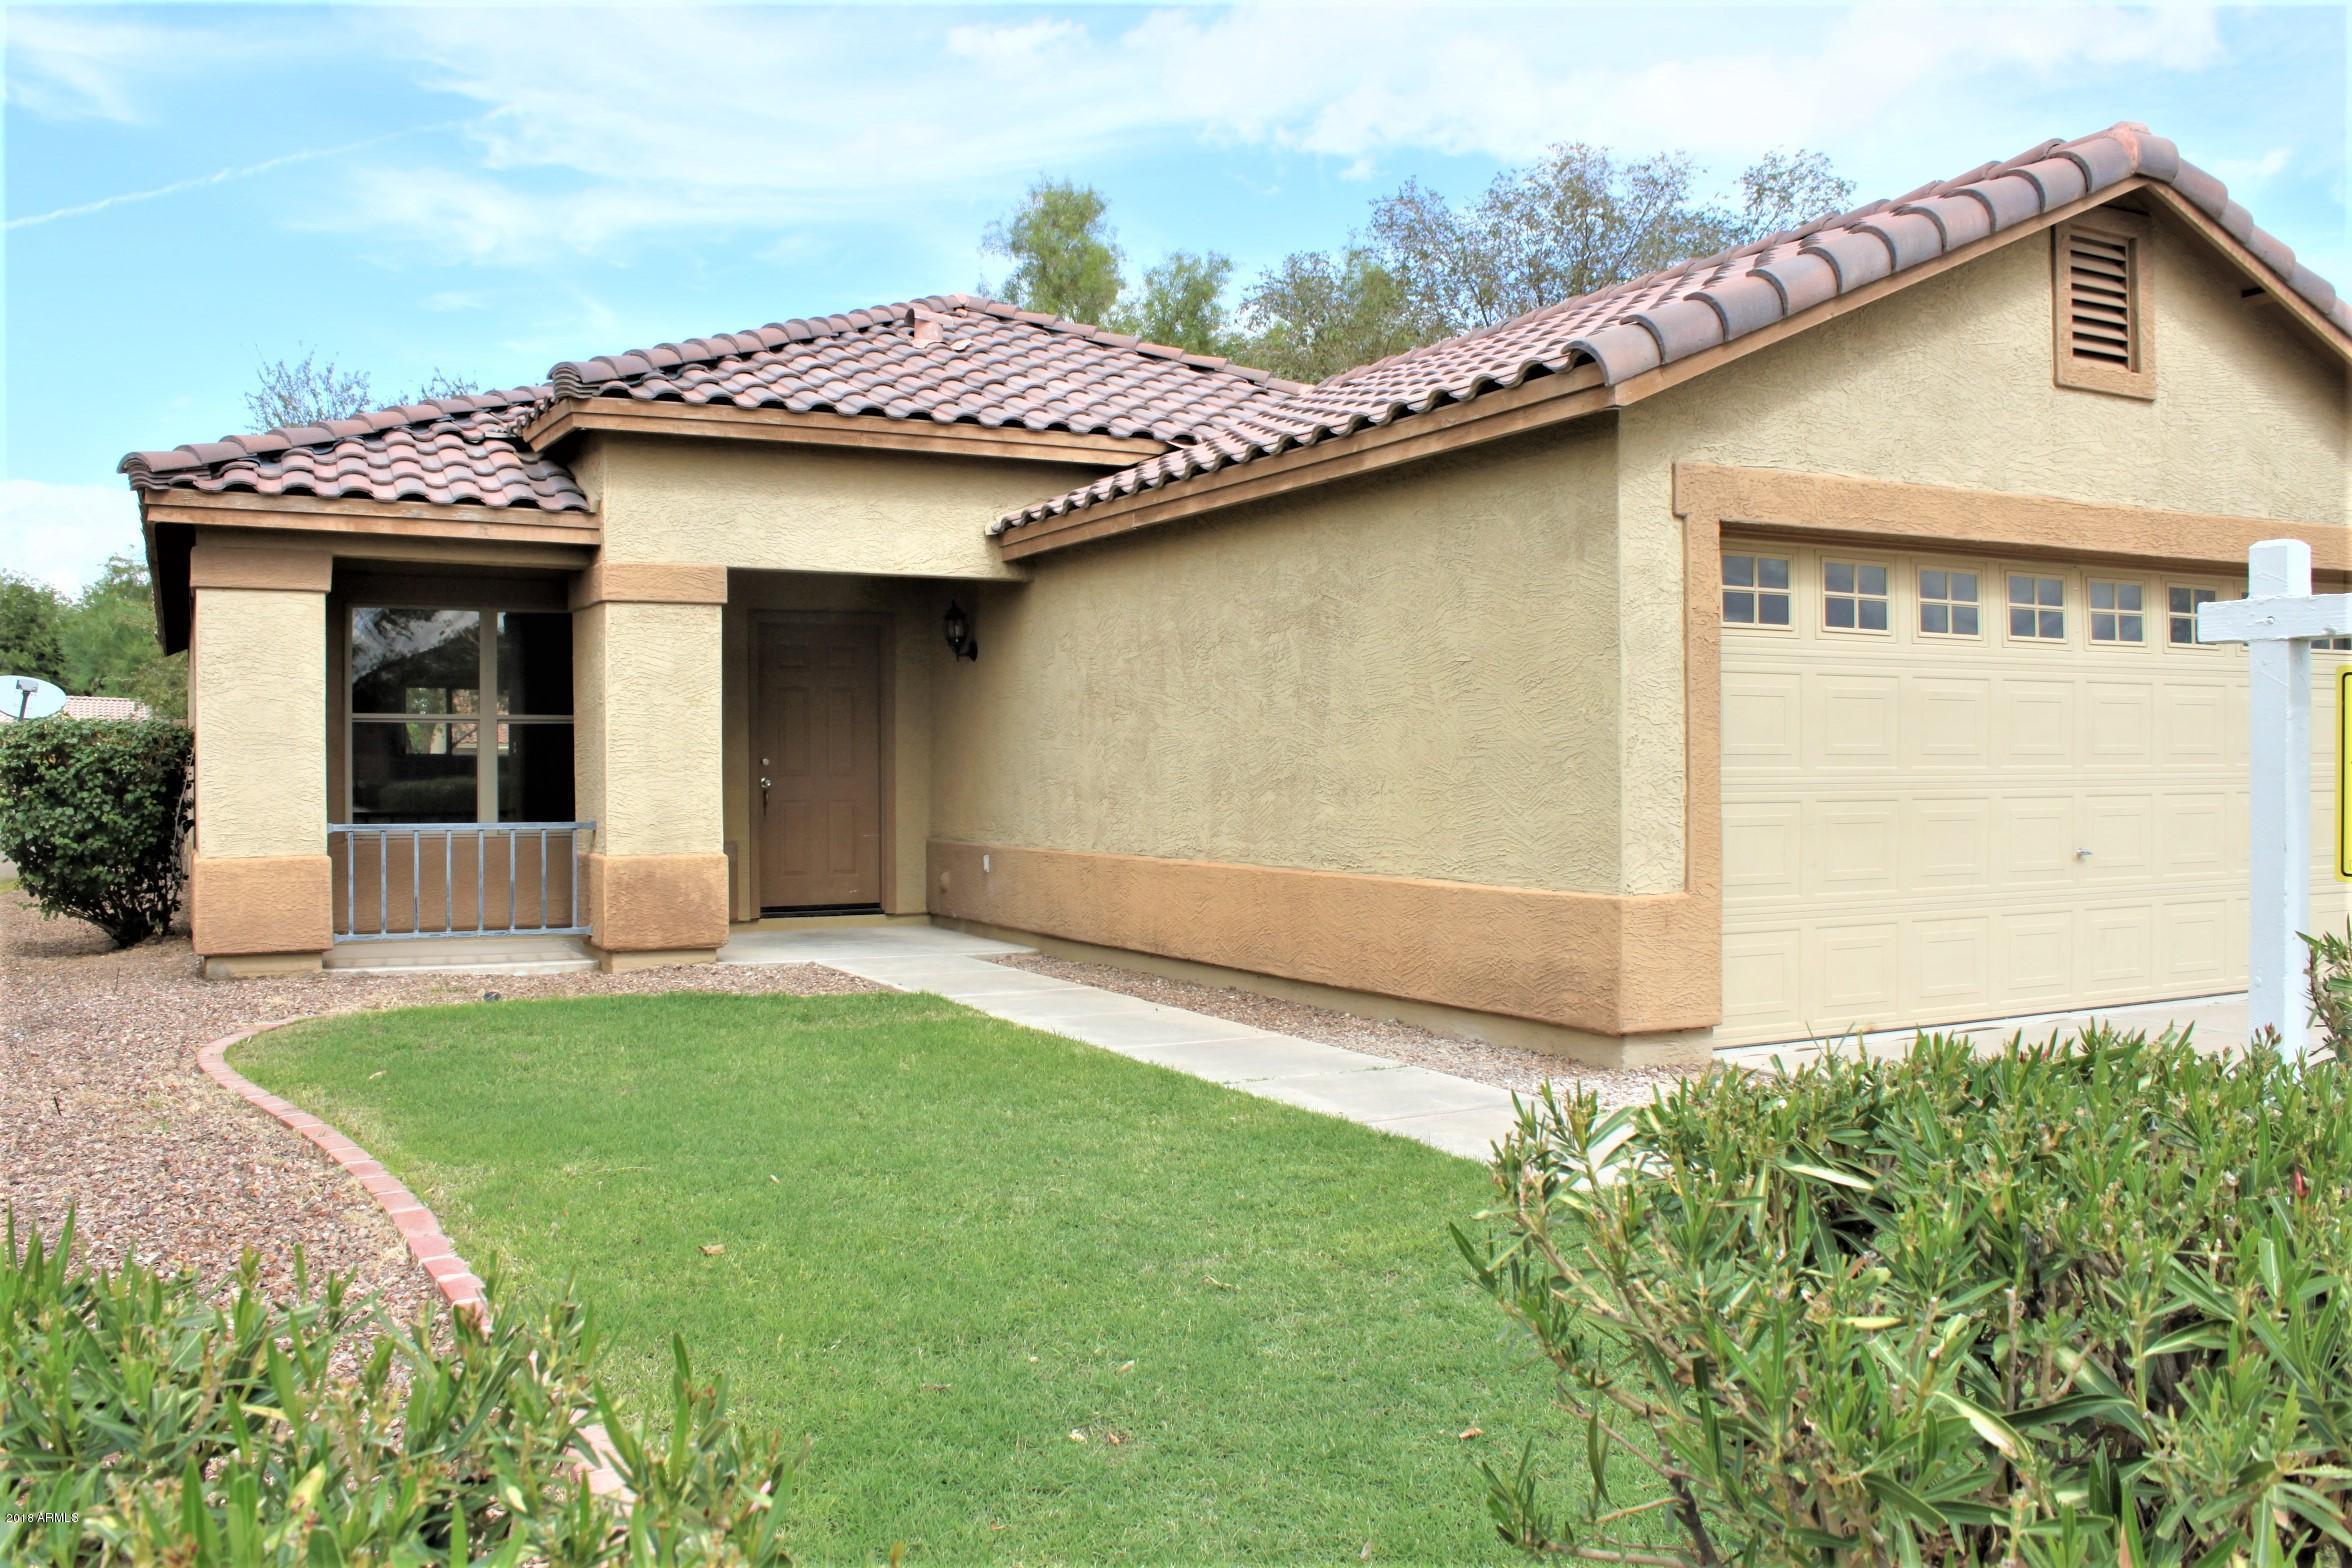 Photo for 558 W Kingman Drive, Casa Grande, AZ 85122 (MLS # 5832677)